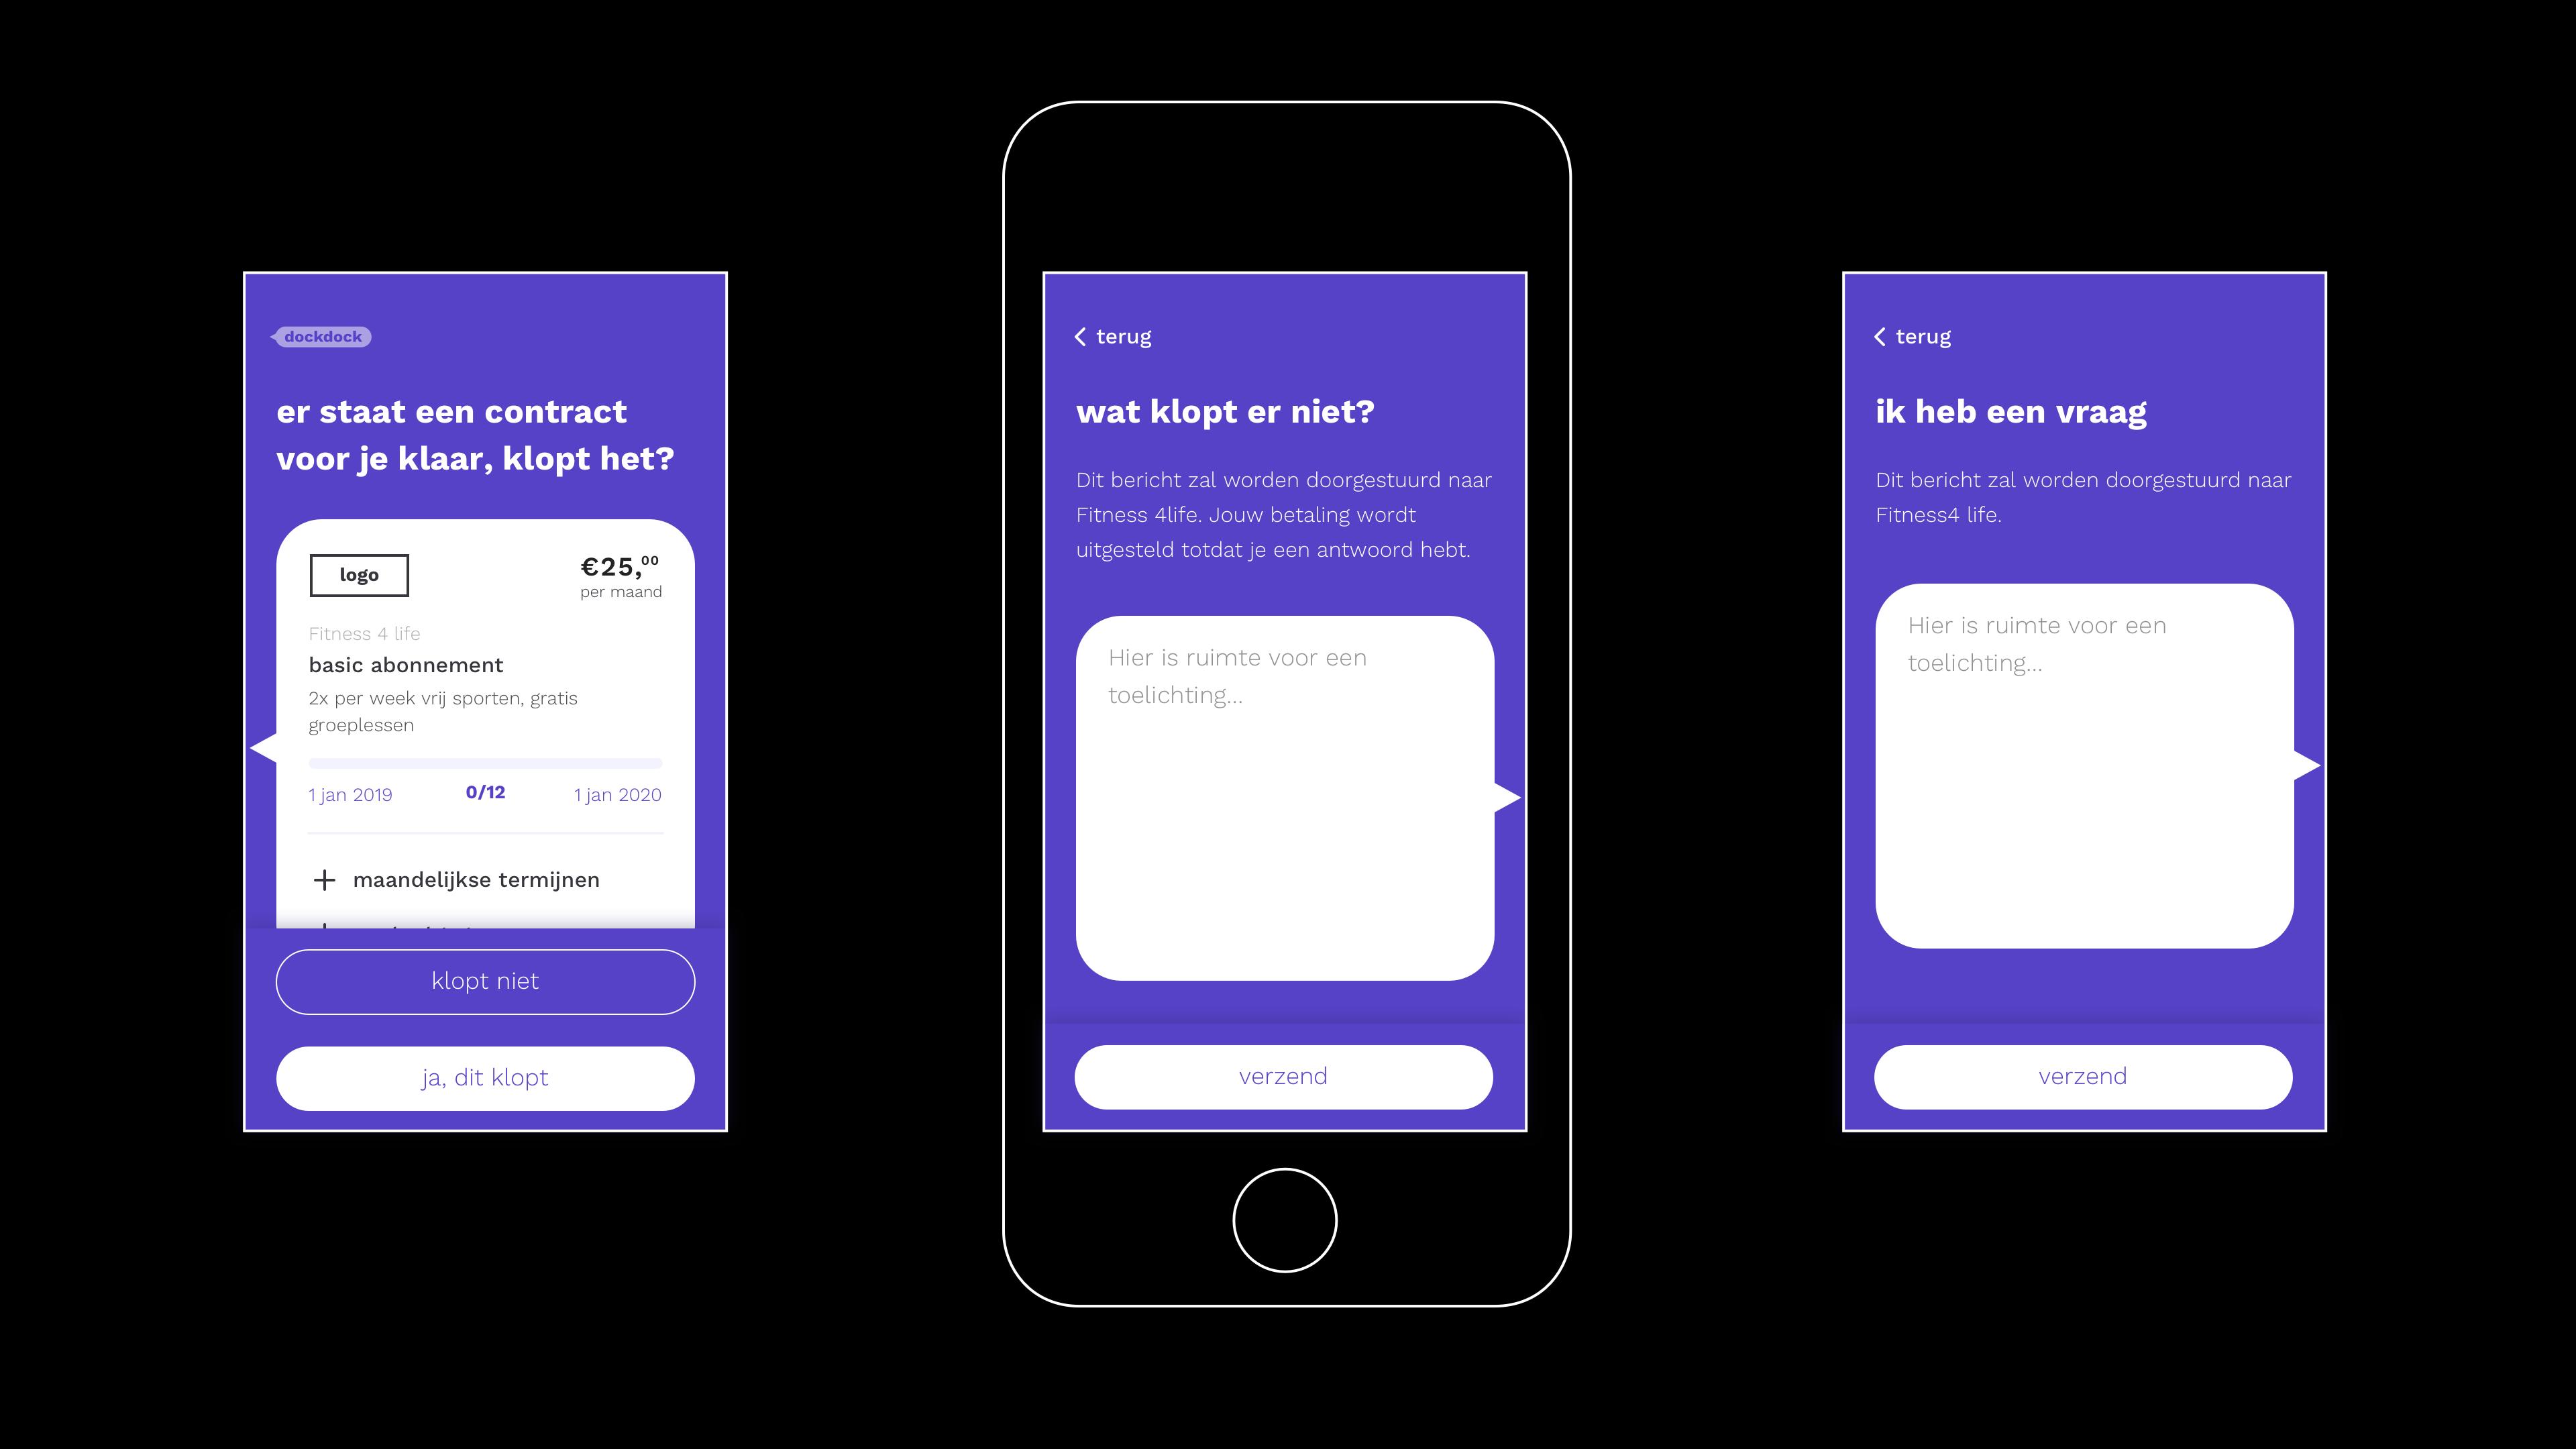 2. A conversational app